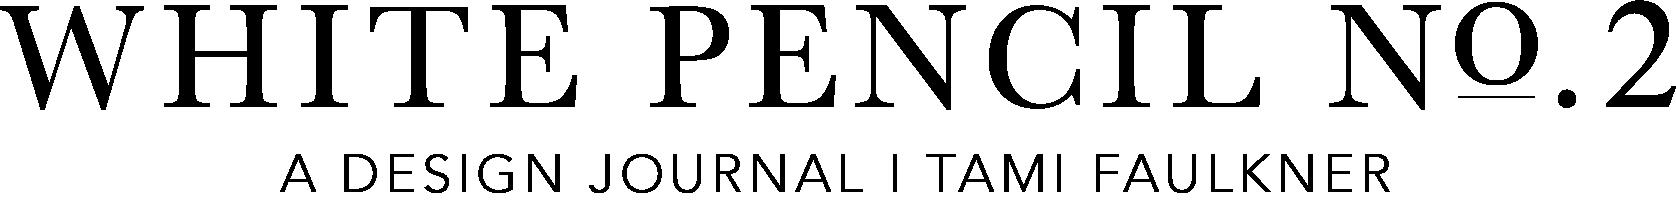 WhitePencil_Logo.png